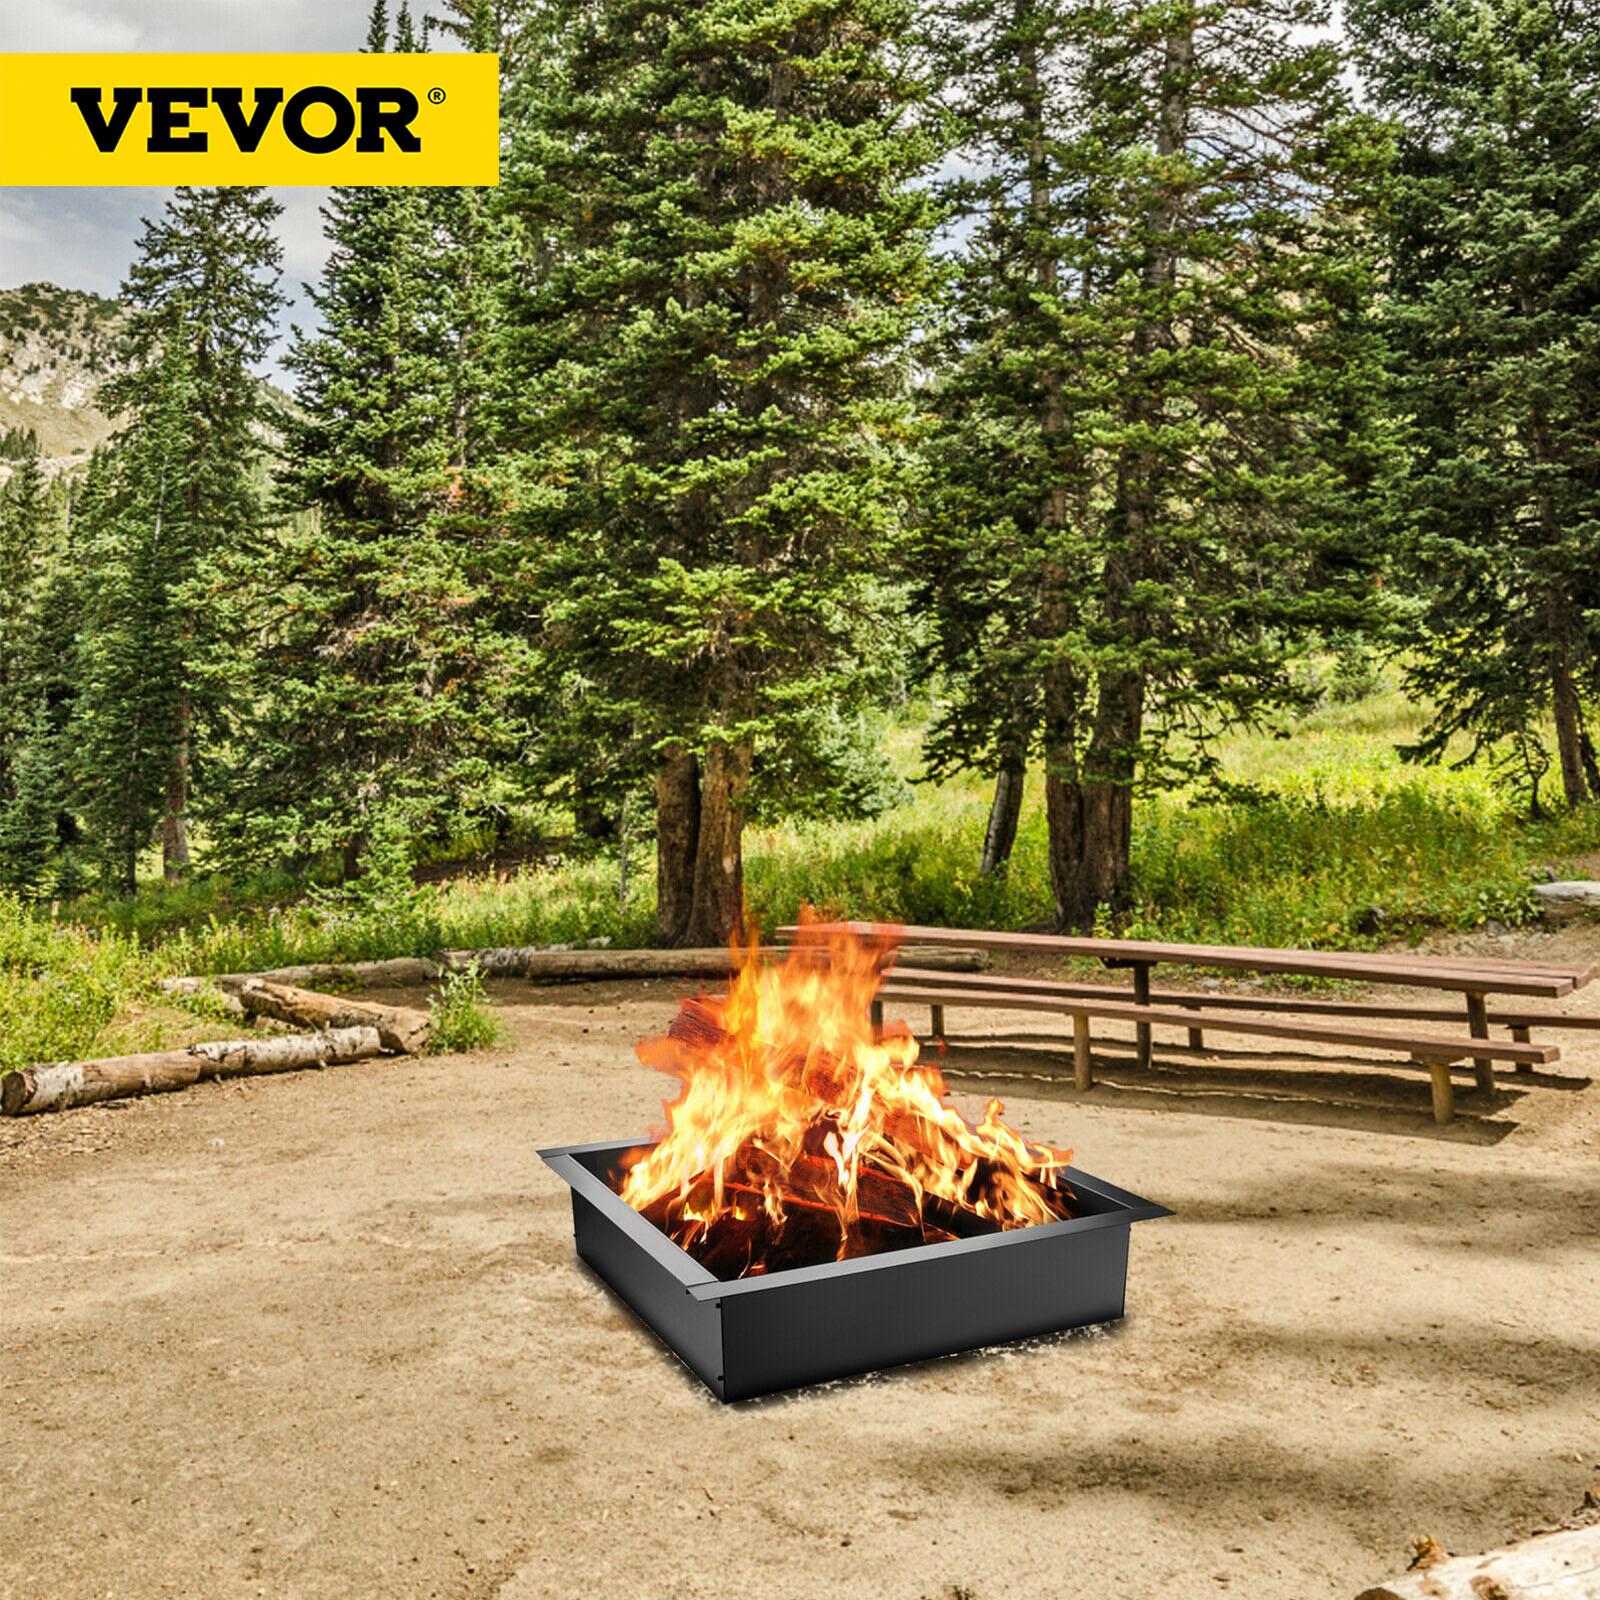 VEVOR 30/36 بوصة حفرة معدنية للحريق حلقة الثقيلة الصلب مع ملقط سهلة لتجميع دائم قوي لتسخين الشواء ساحة في الهواء الطلق